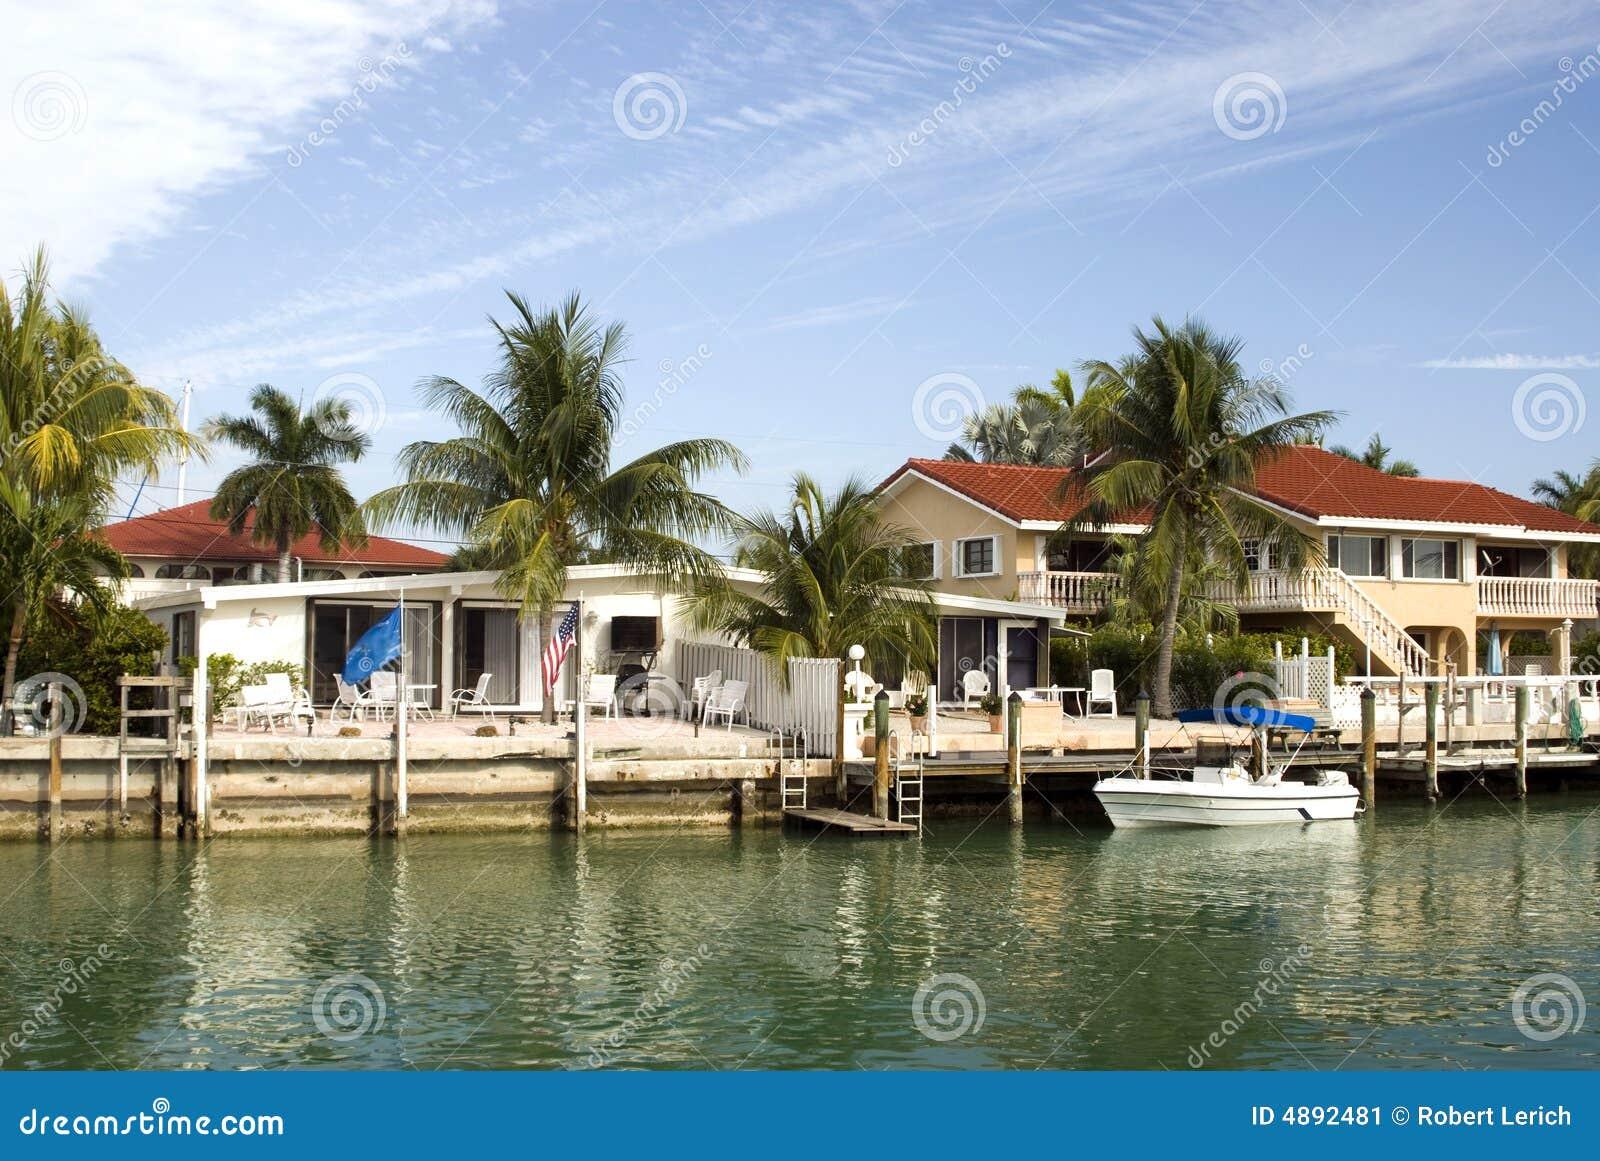 La Floride Introduit La Sc Ne De Canal Image Stock Image